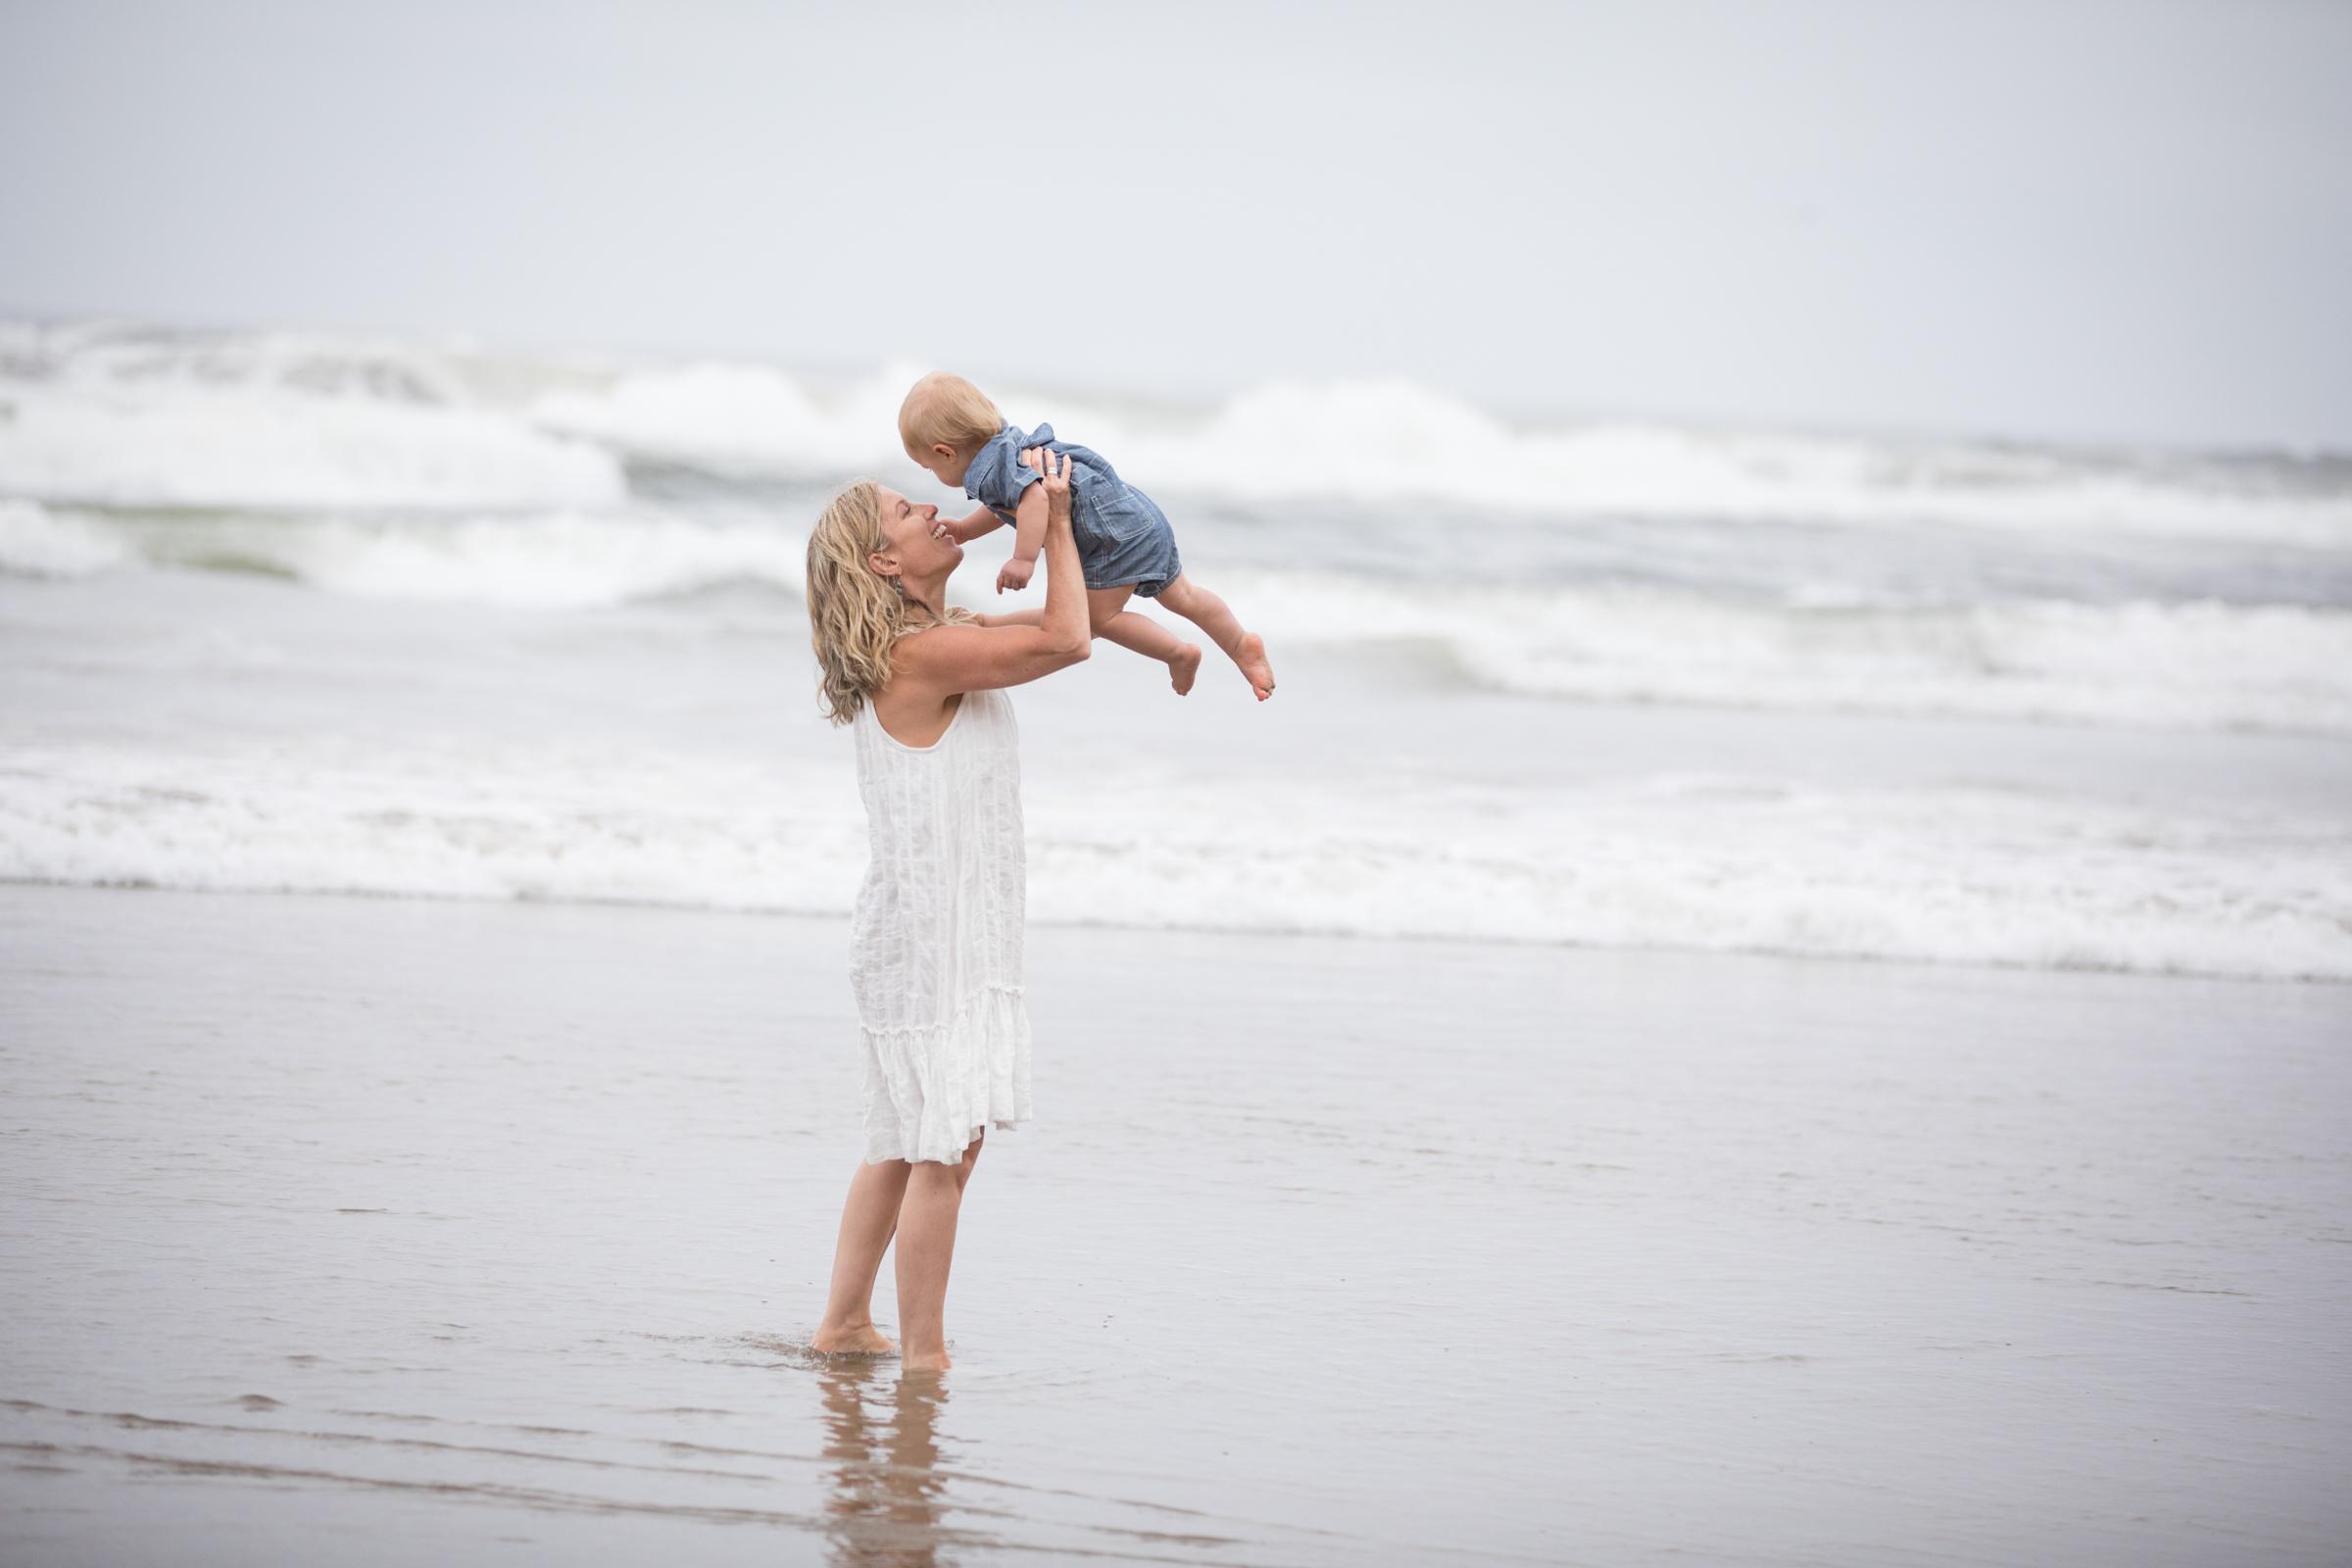 Mama_And_Babe_Shared_Kisses.jpg